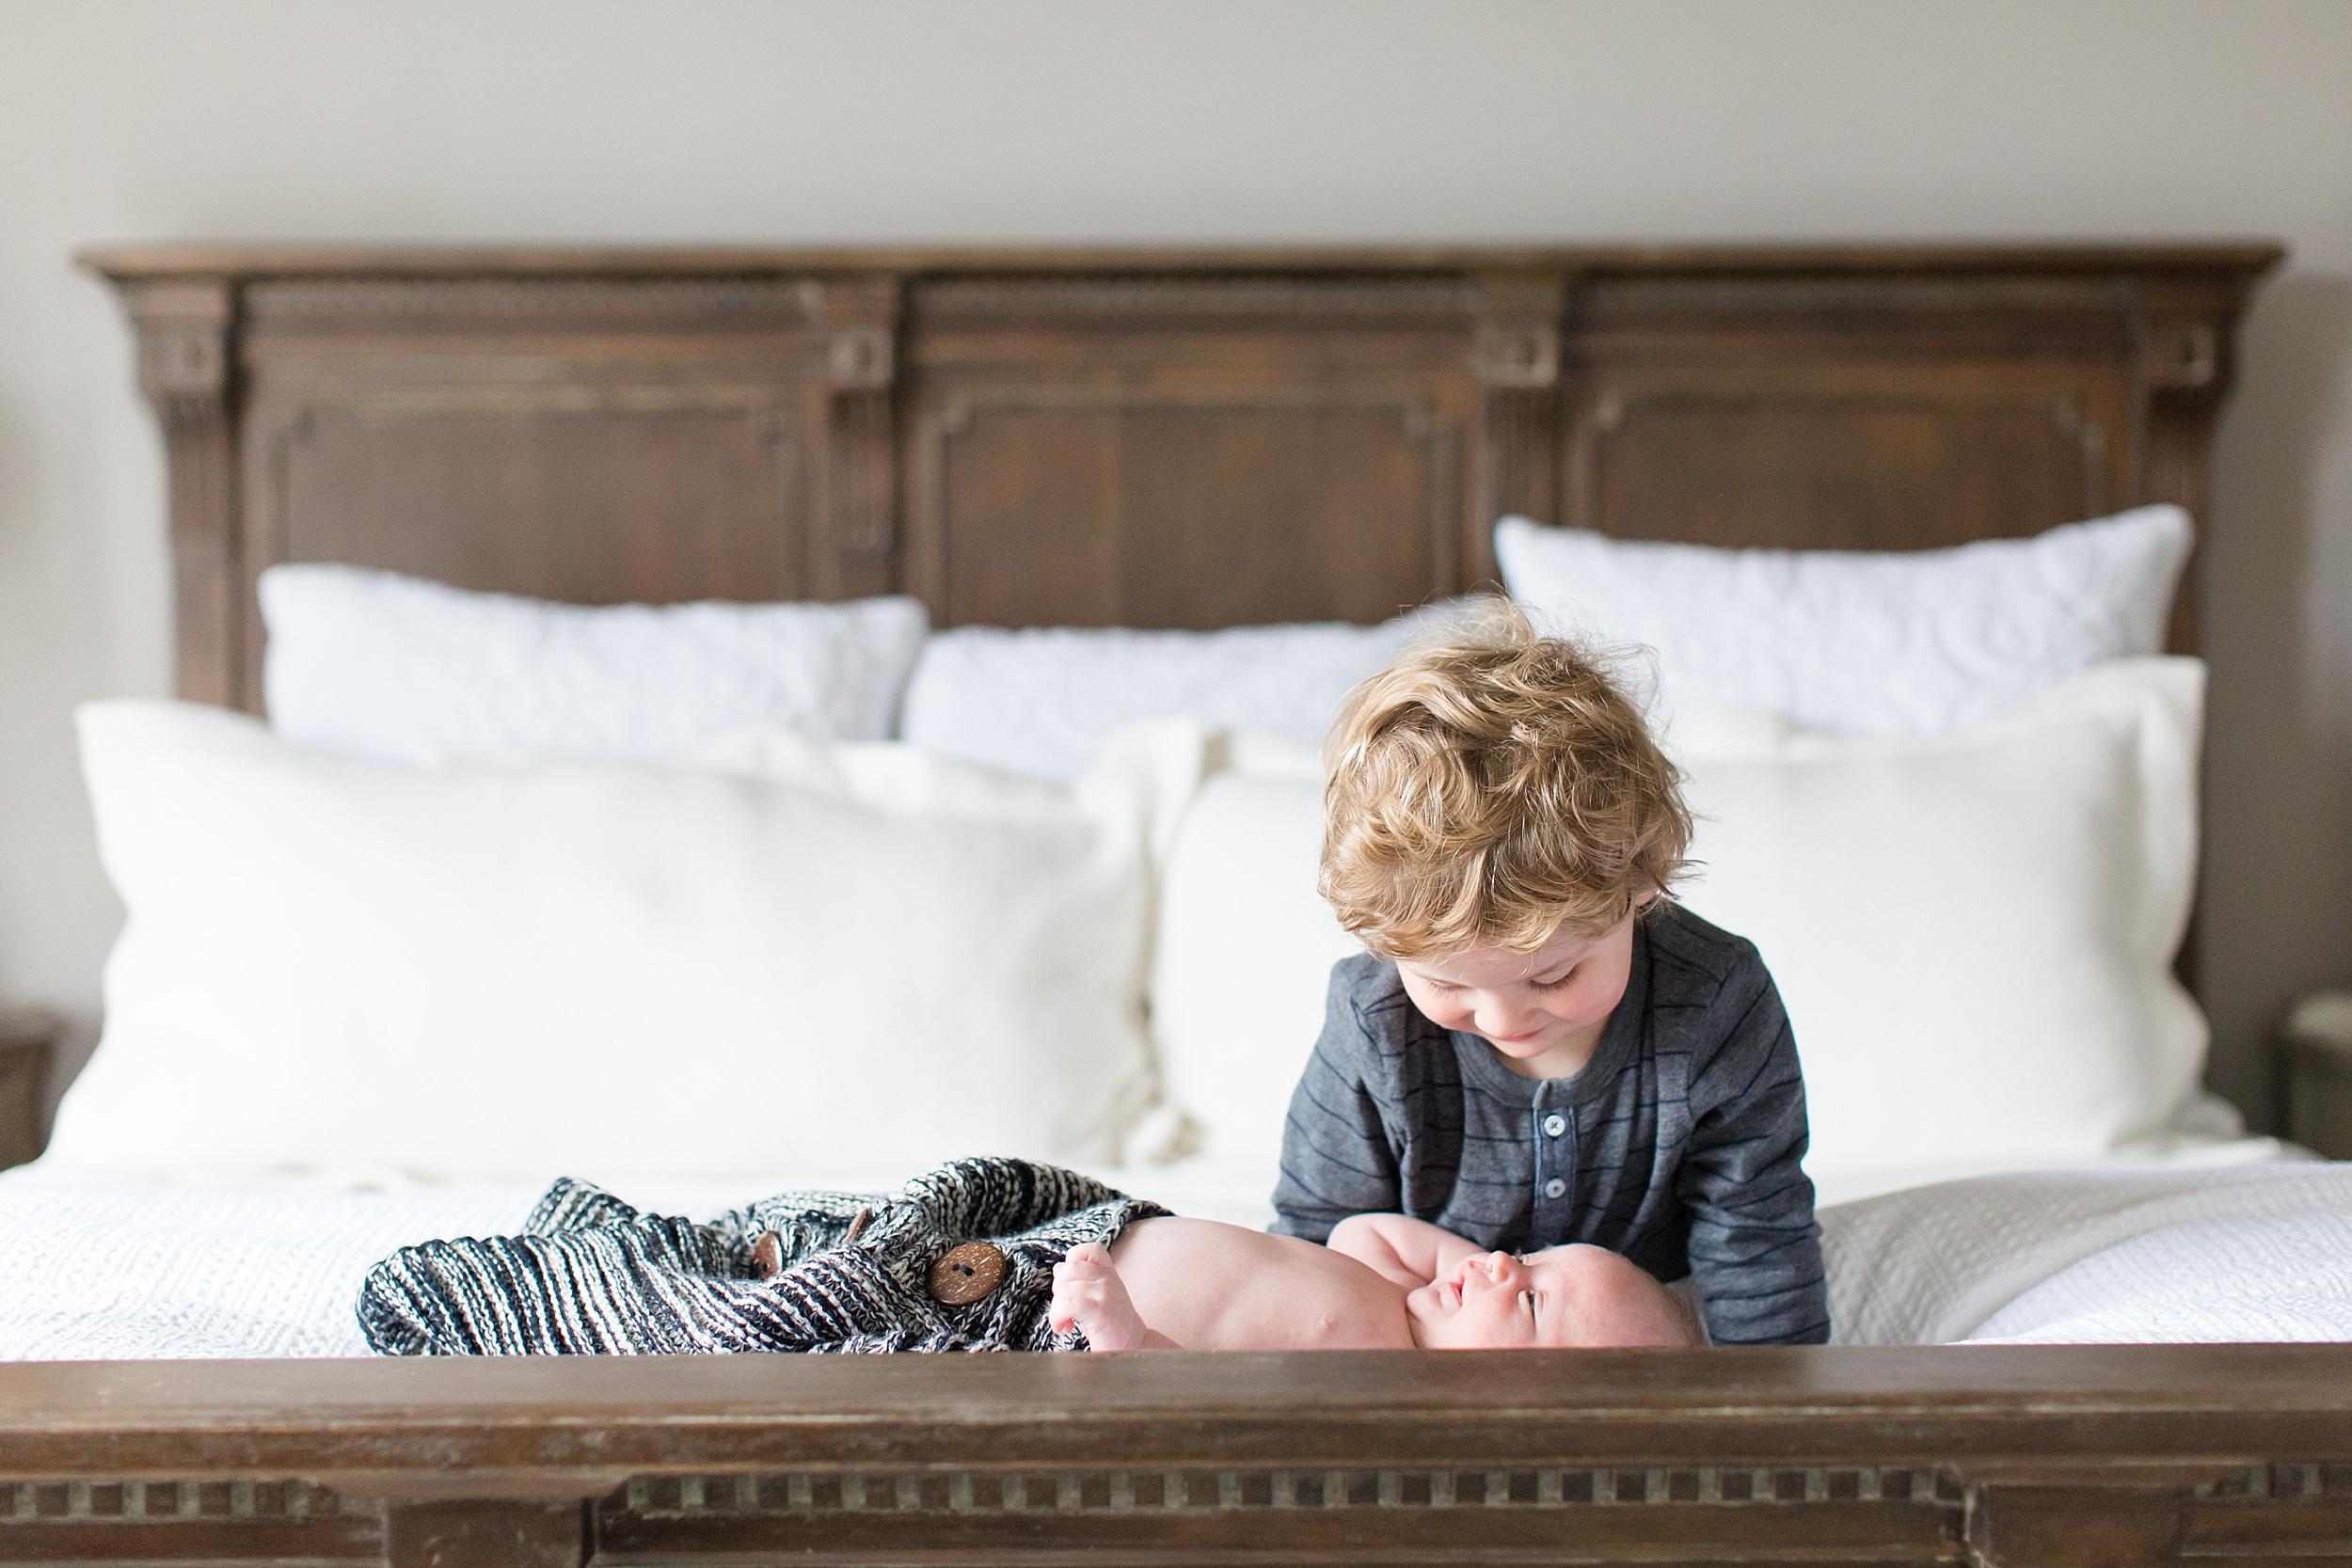 Landon-Schneider-Photography-Liverance-Newborn-Session-McKinney-Texas_0015.jpg